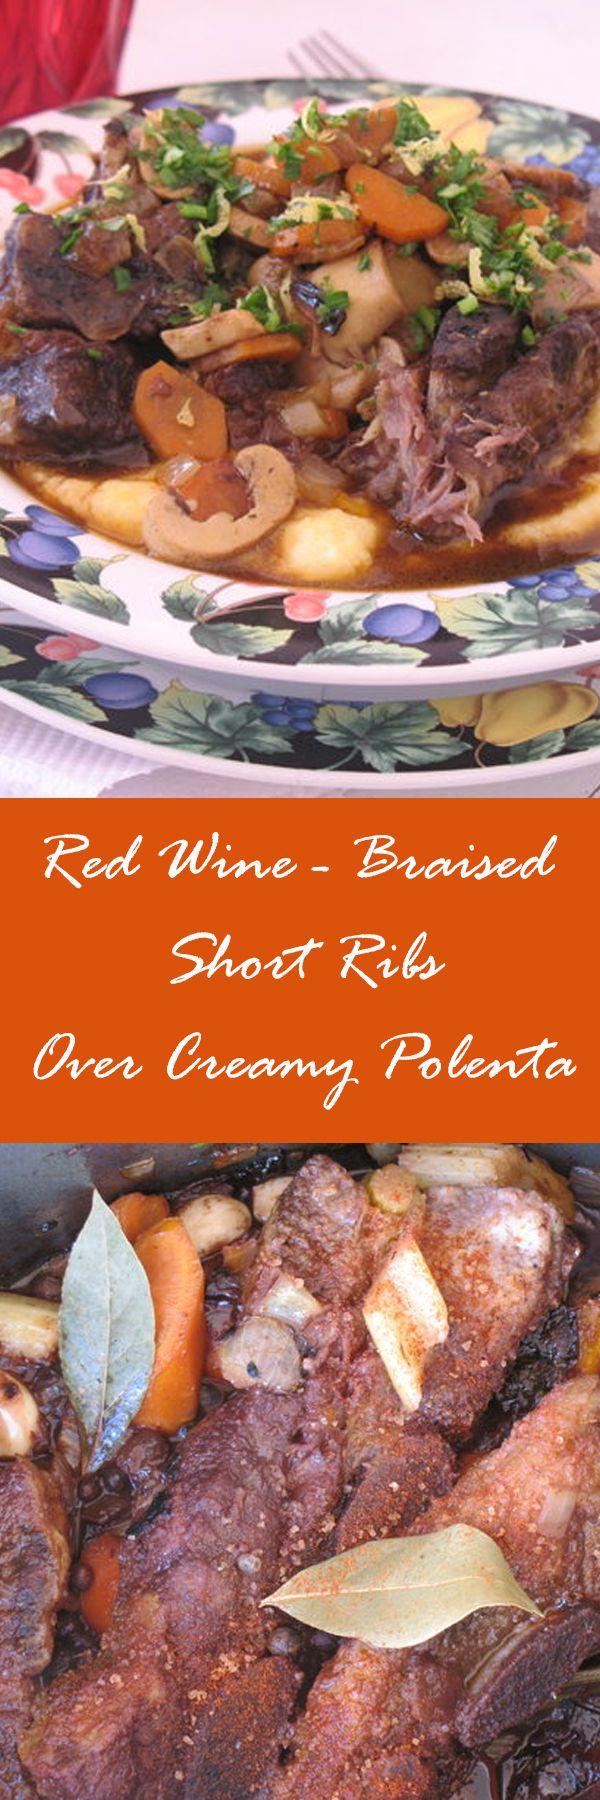 Short Ribs With Wine And Cream Recipe — Dishmaps